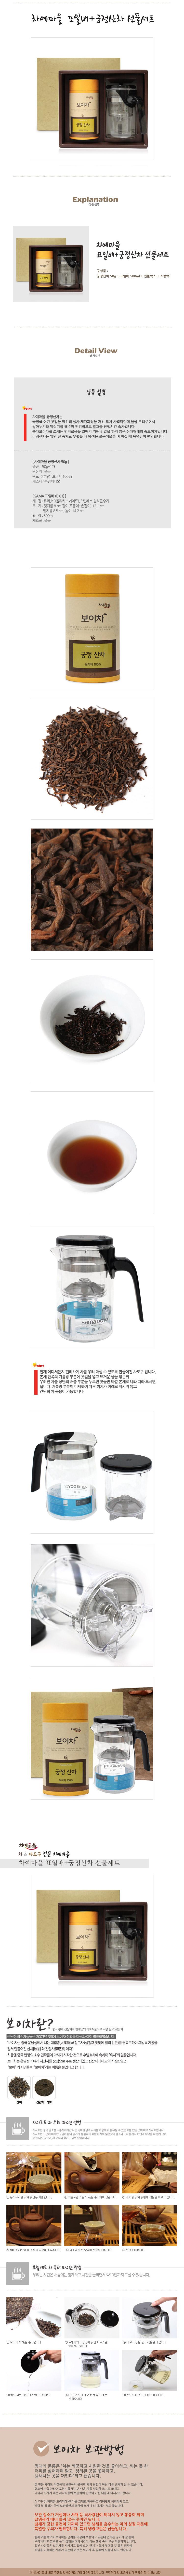 [ 4711 ] 宮廷散茶(プーアル茶) + 急須 ギフトセット